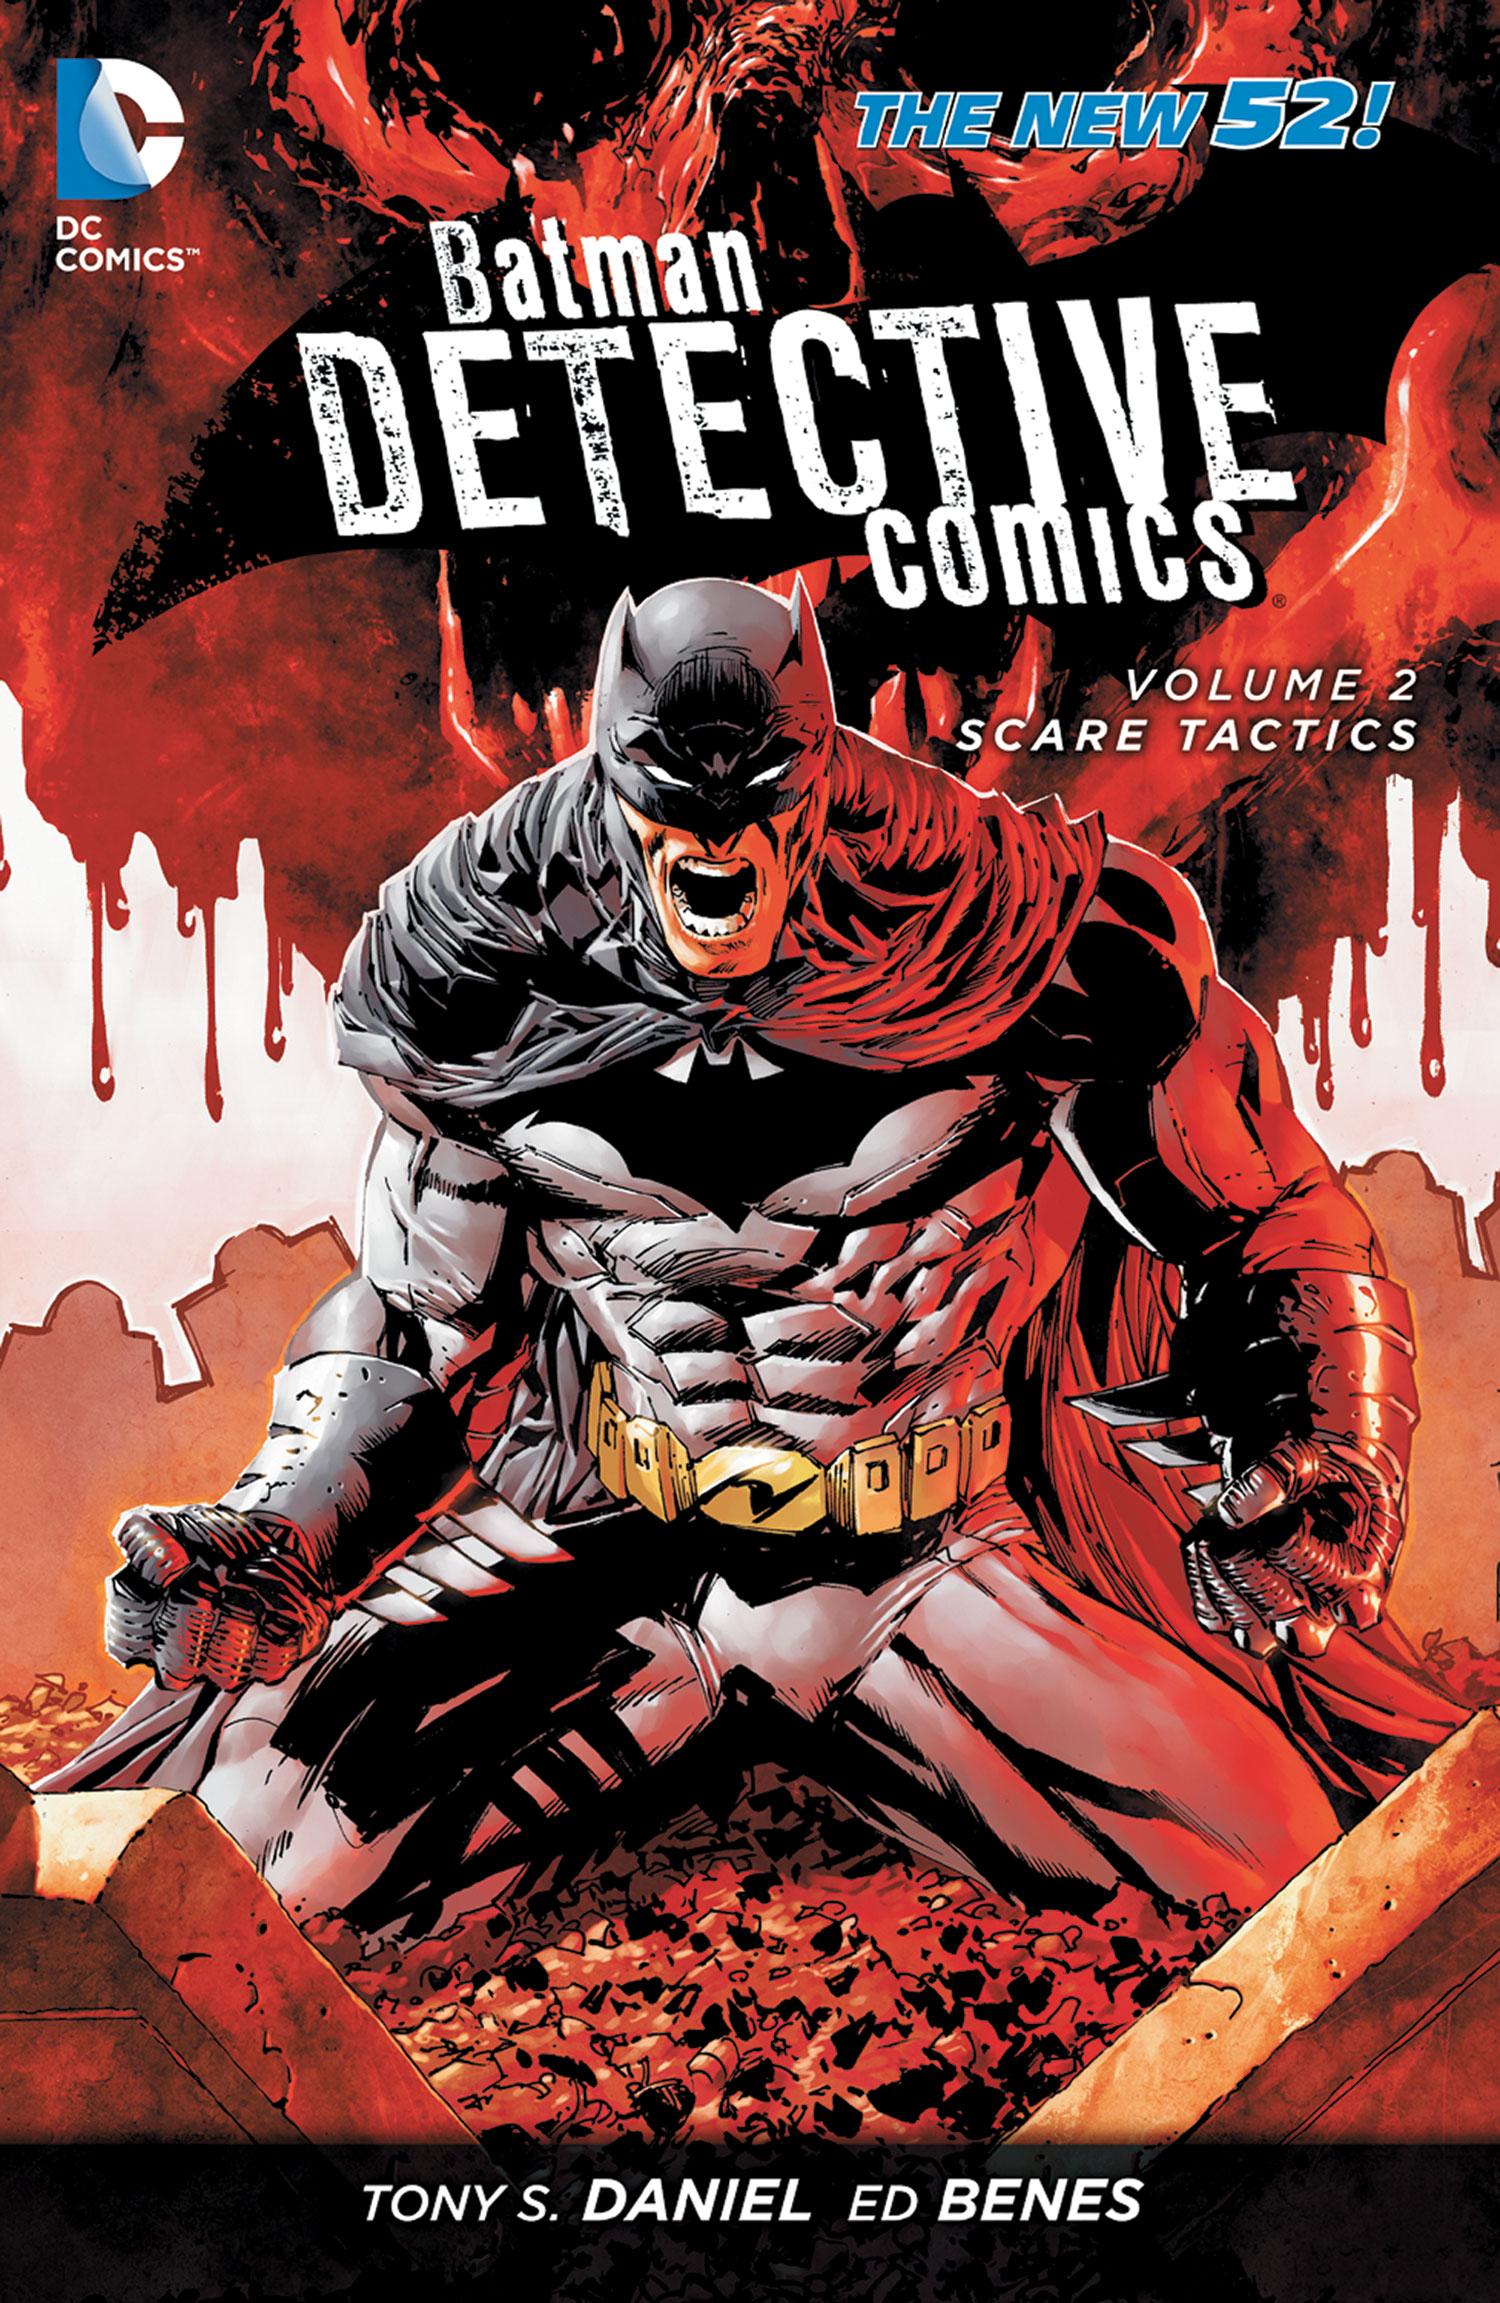 Detective Comics Vol. 2 : Scare Tactics